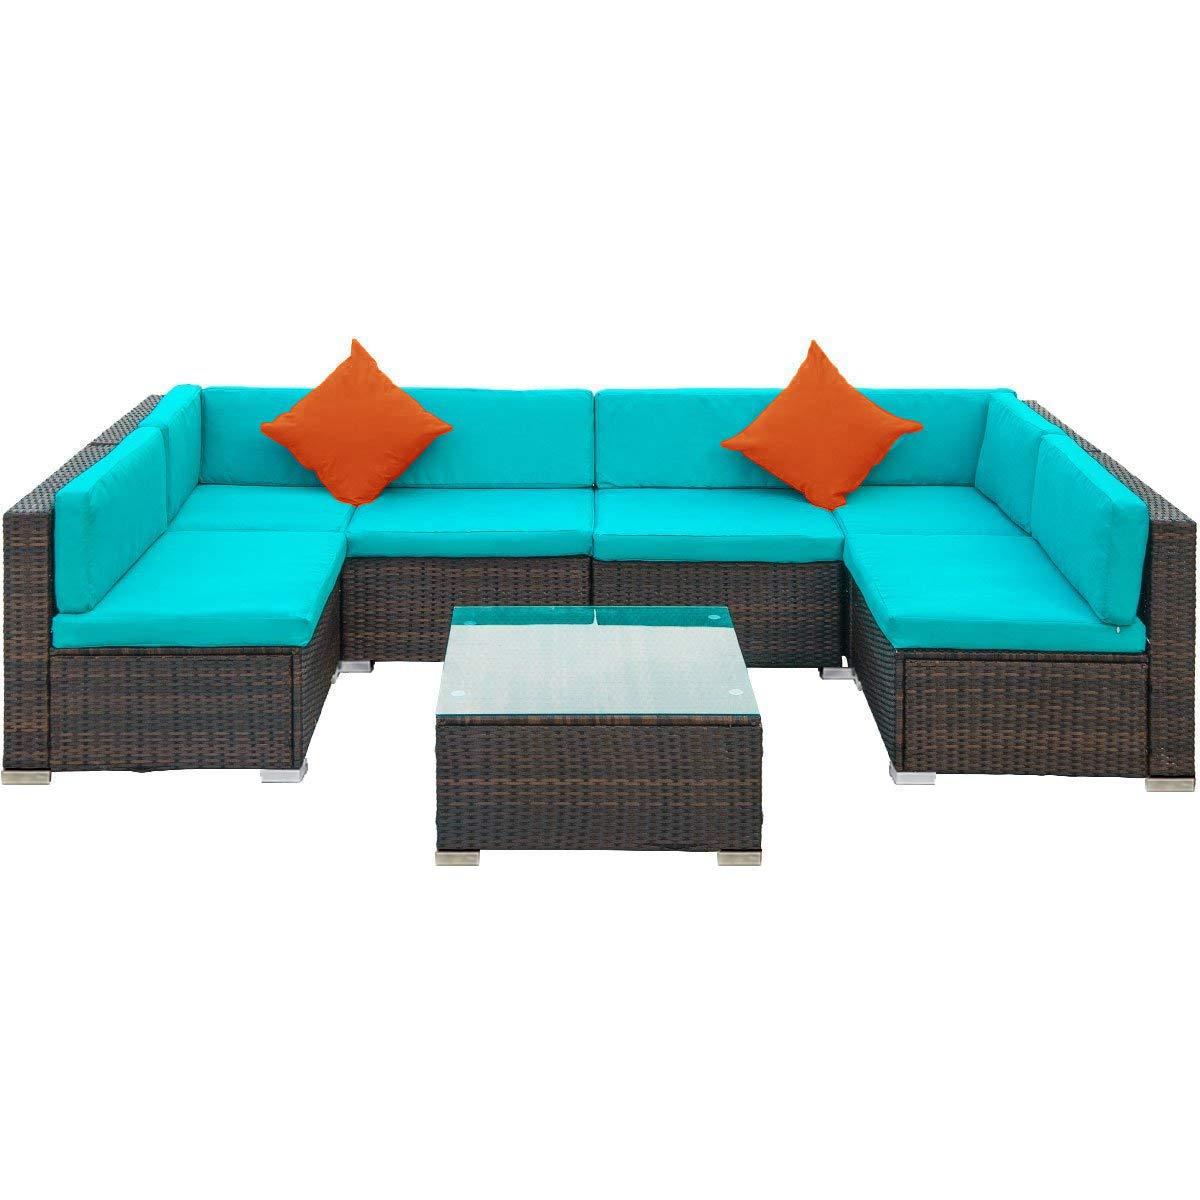 Amazon.com: LZ LEISURE ZONE - Juego de muebles de patio de ...